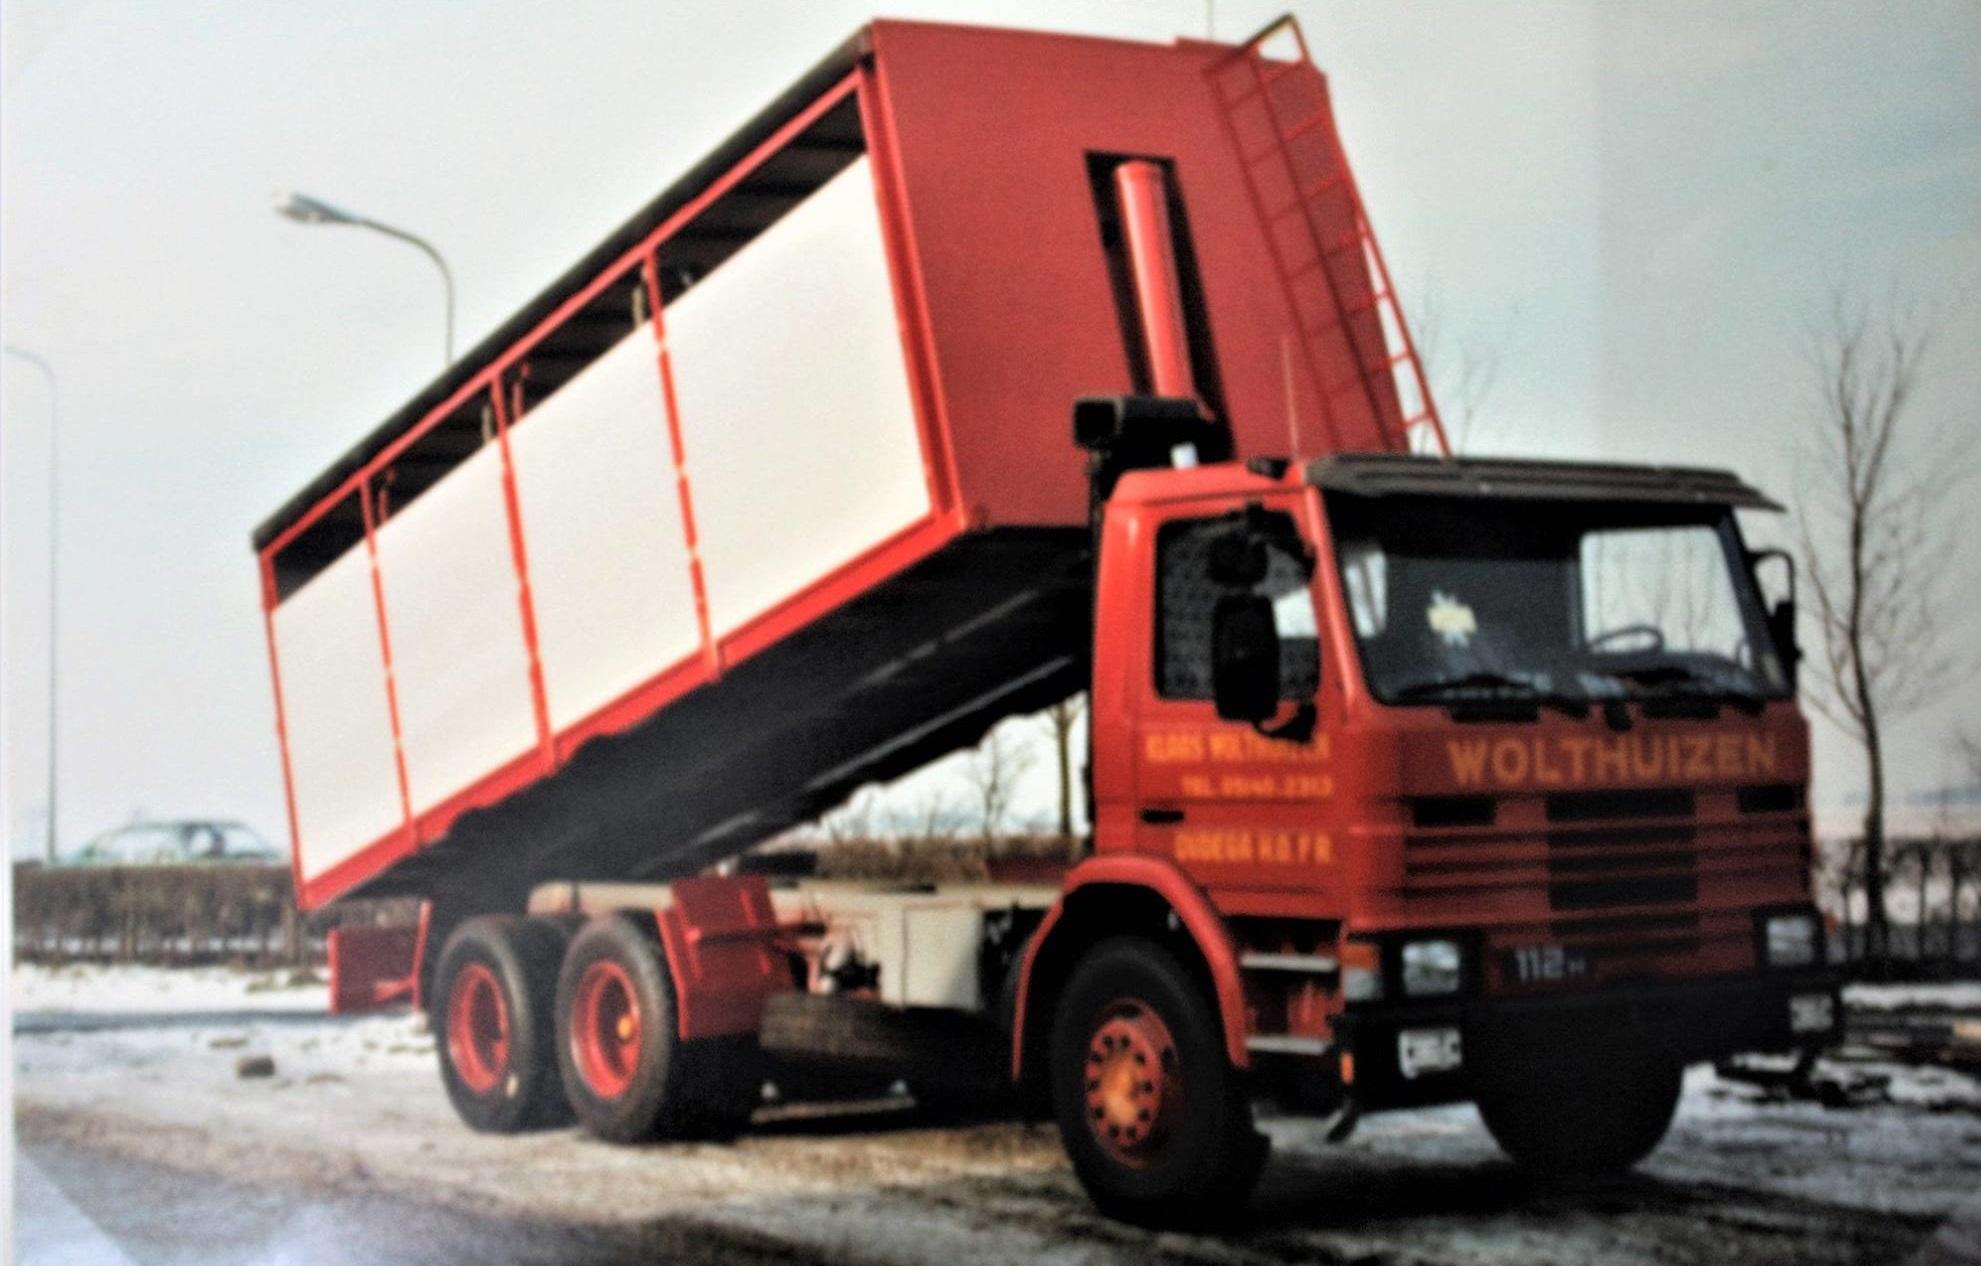 Scania-vrachtauto-is-gebouwd-door-Rondaan-voor-Kees-Wolthuizen-uit-Oudega